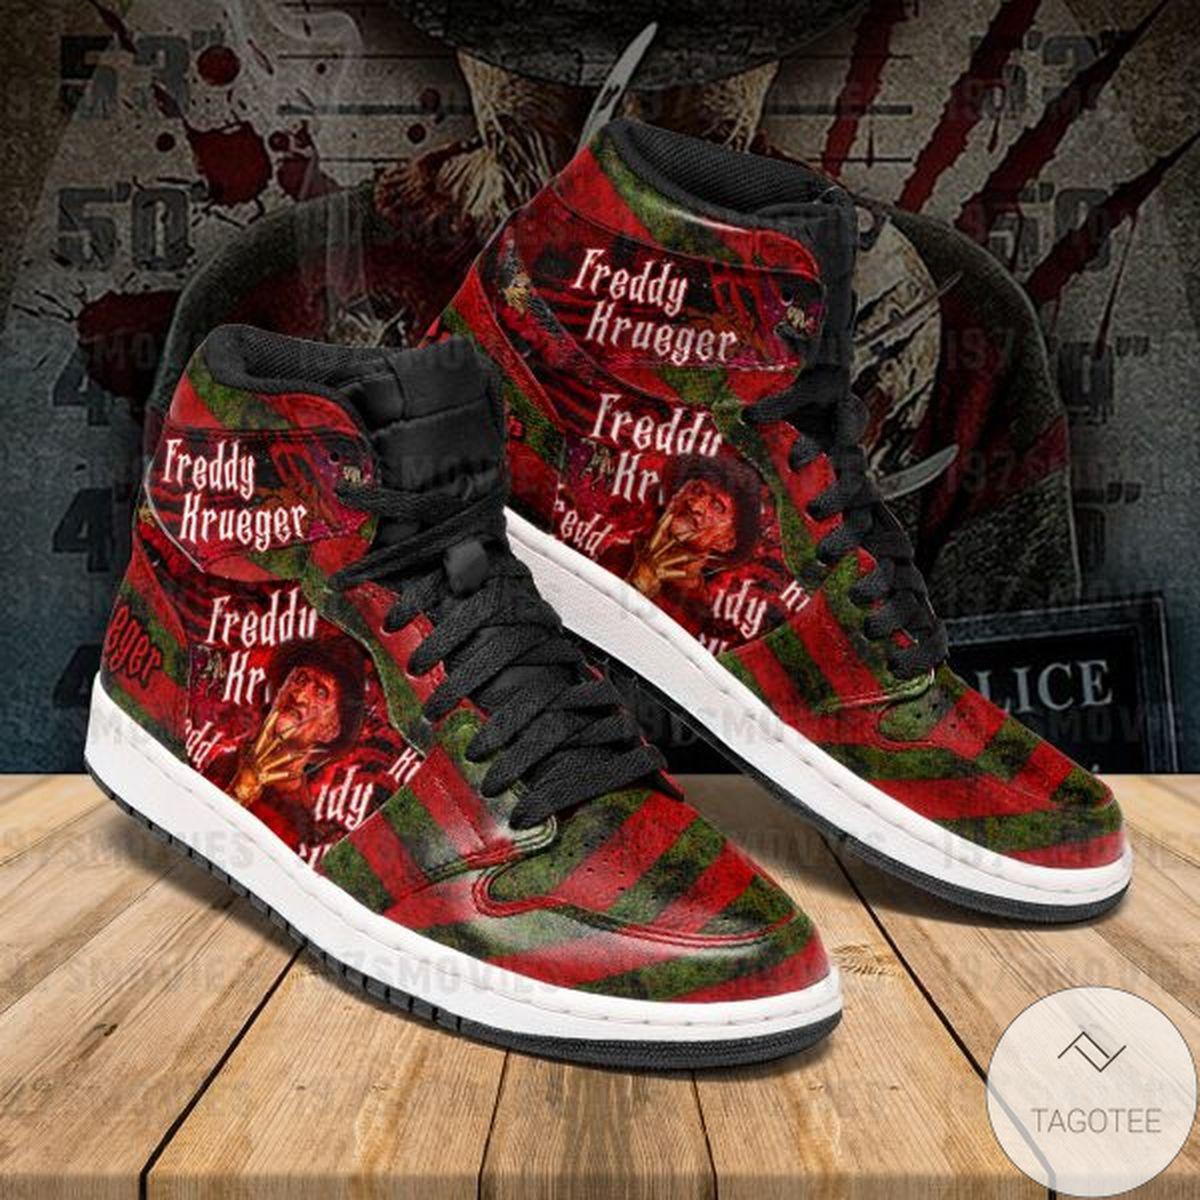 Freddy Krueger A Nightmare on Elm Street Sneaker Air Jordan High Top Shoes